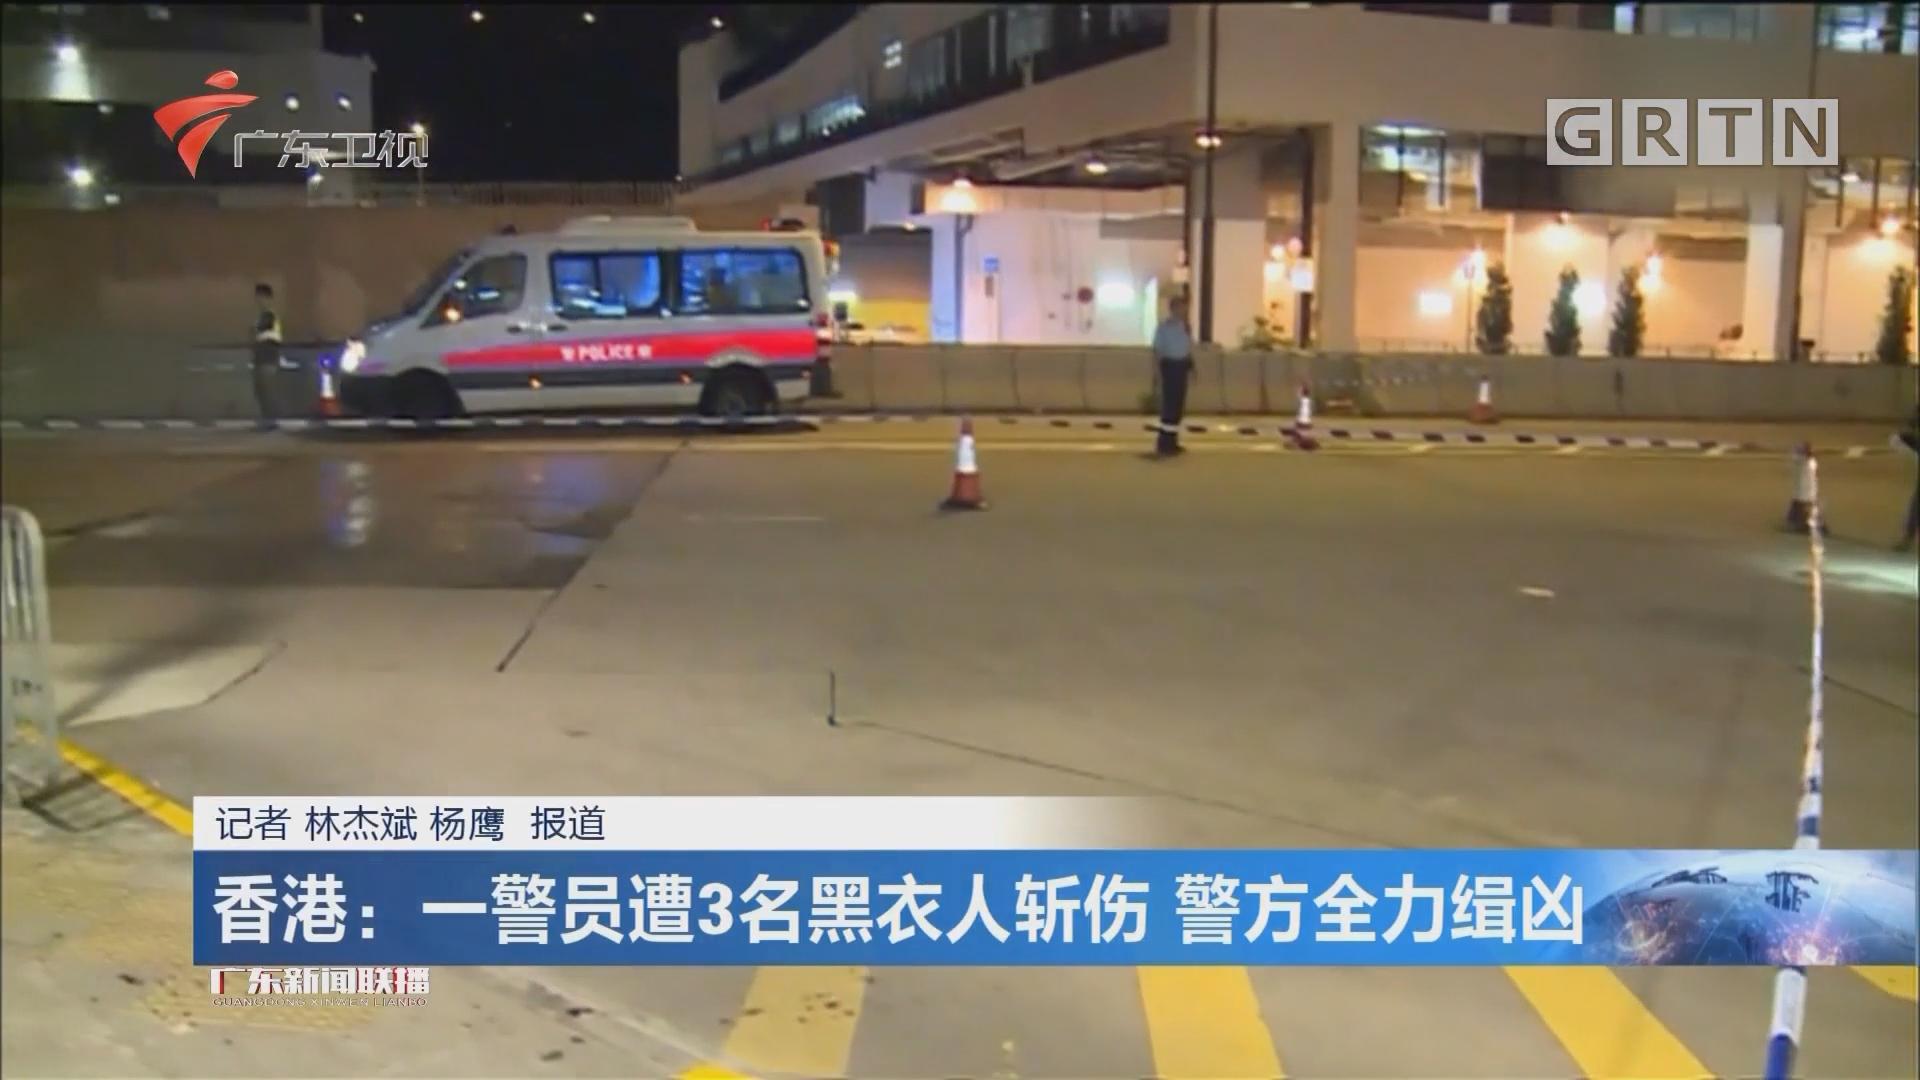 香港:一警员遭3名黑衣人斩伤 警方全力缉凶